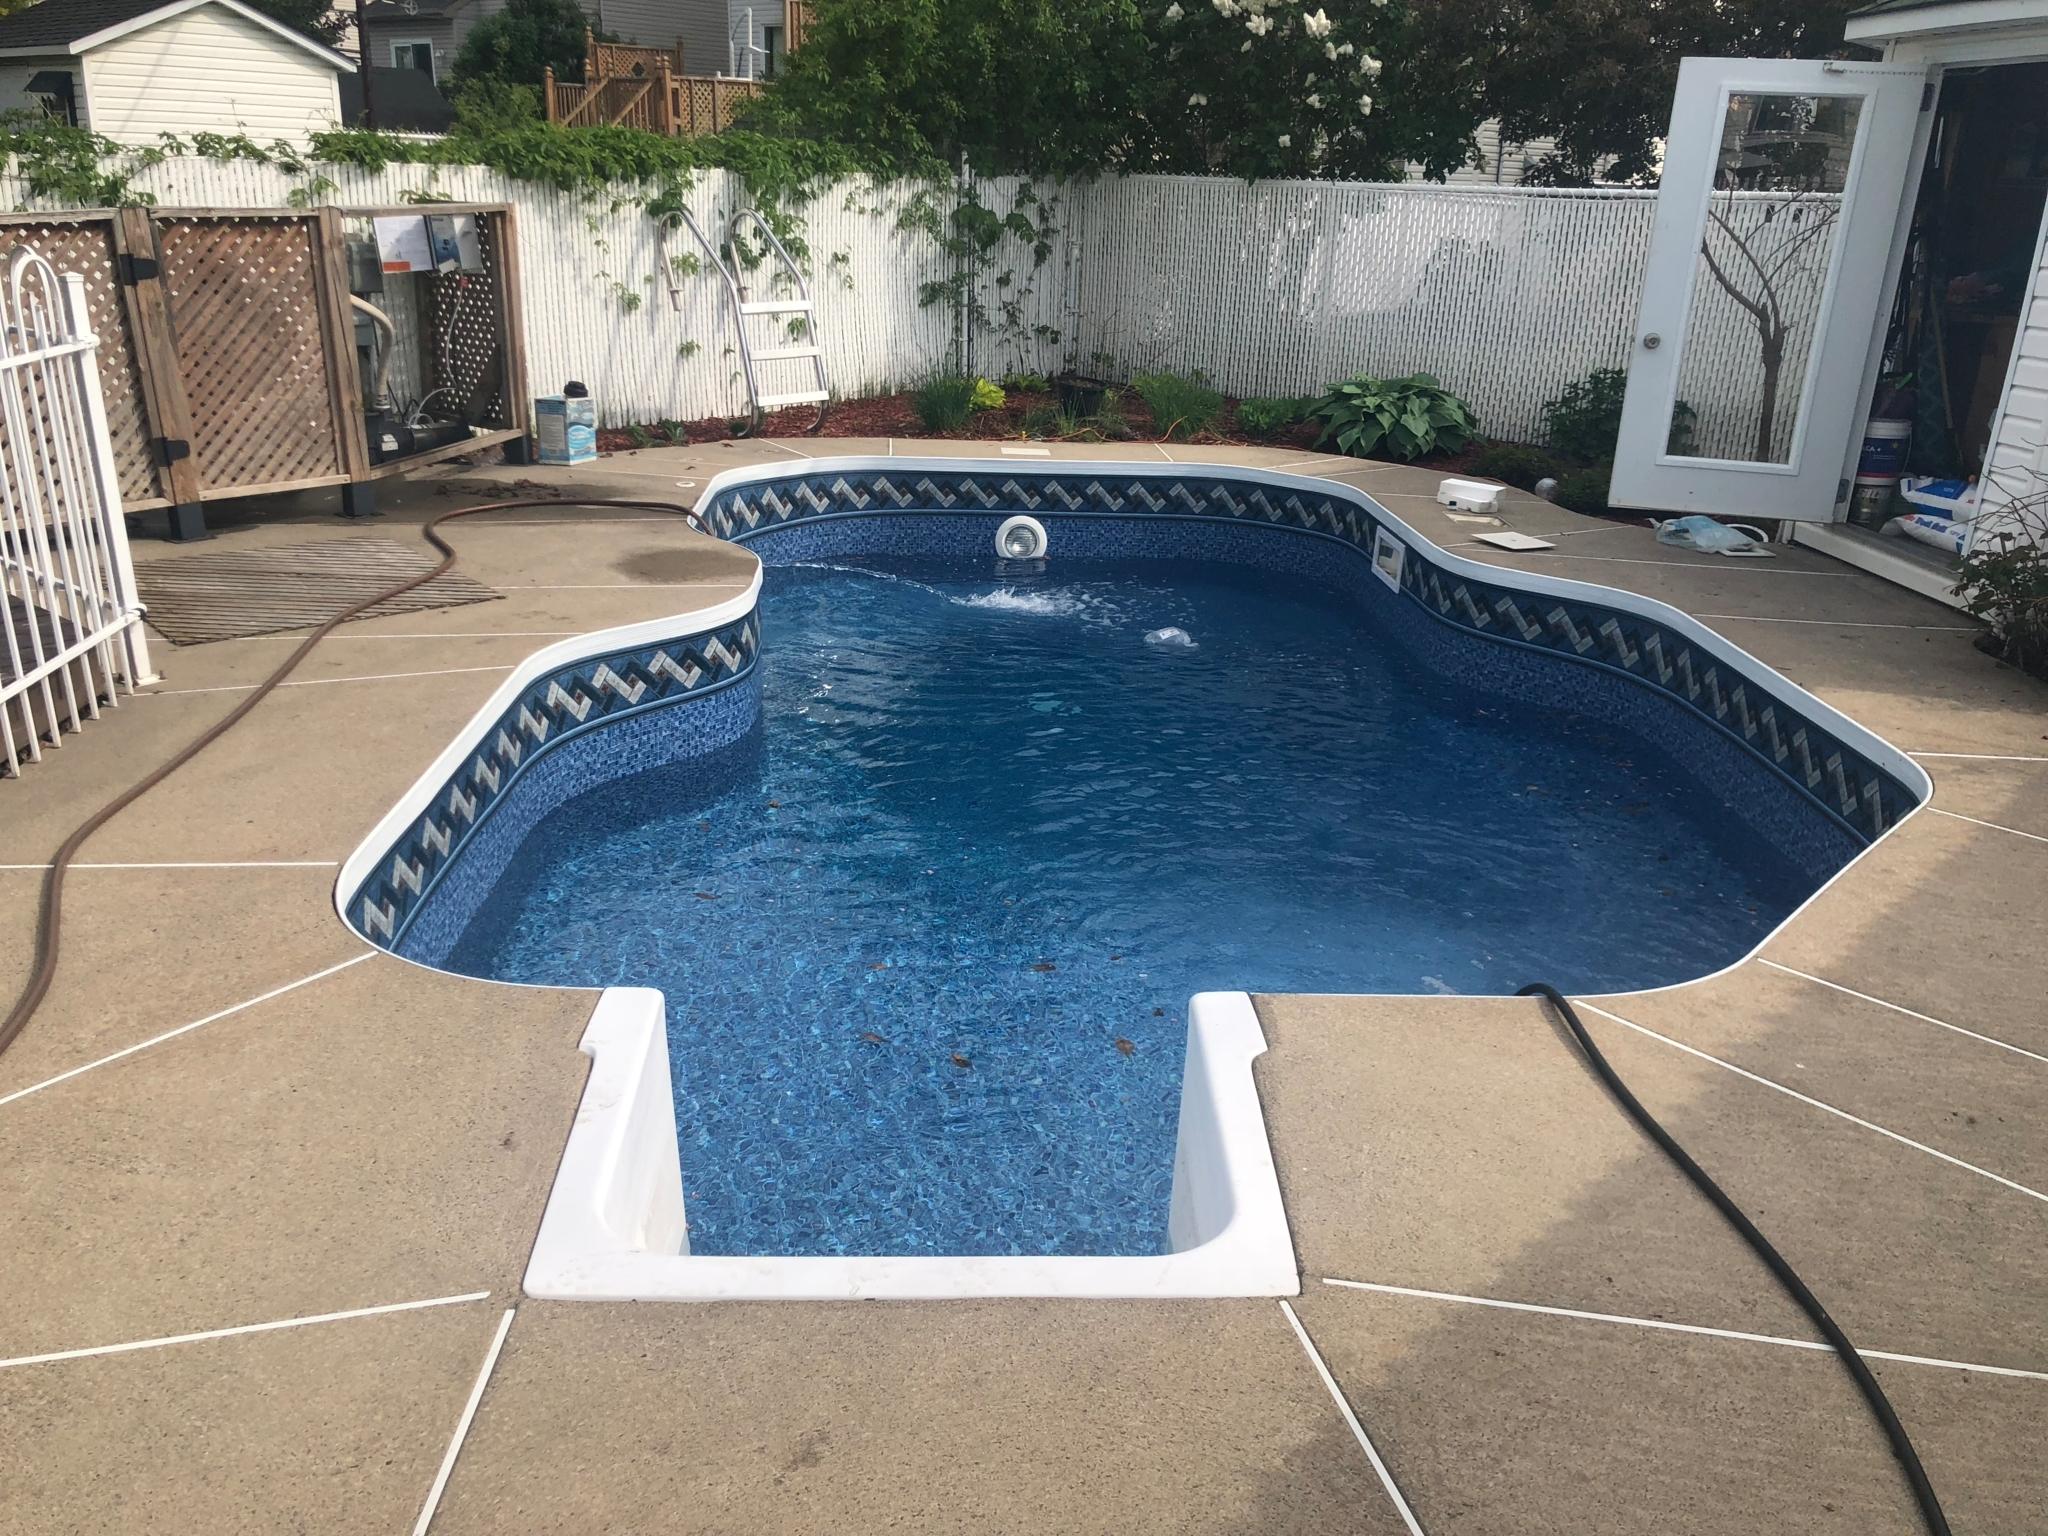 Piscines et pompes sas horaire d 39 ouverture 3552 boul - Club piscine laval heures d ouverture ...